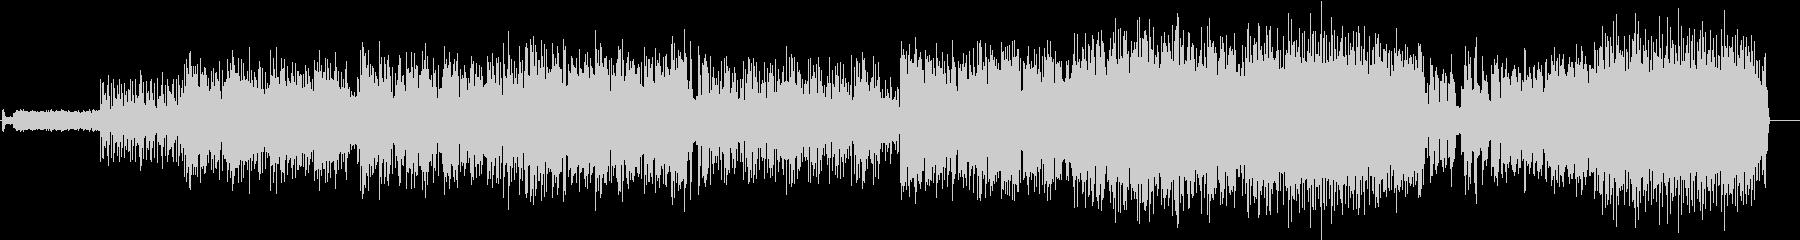 テンション高めのアップテンポな曲、DnBの未再生の波形